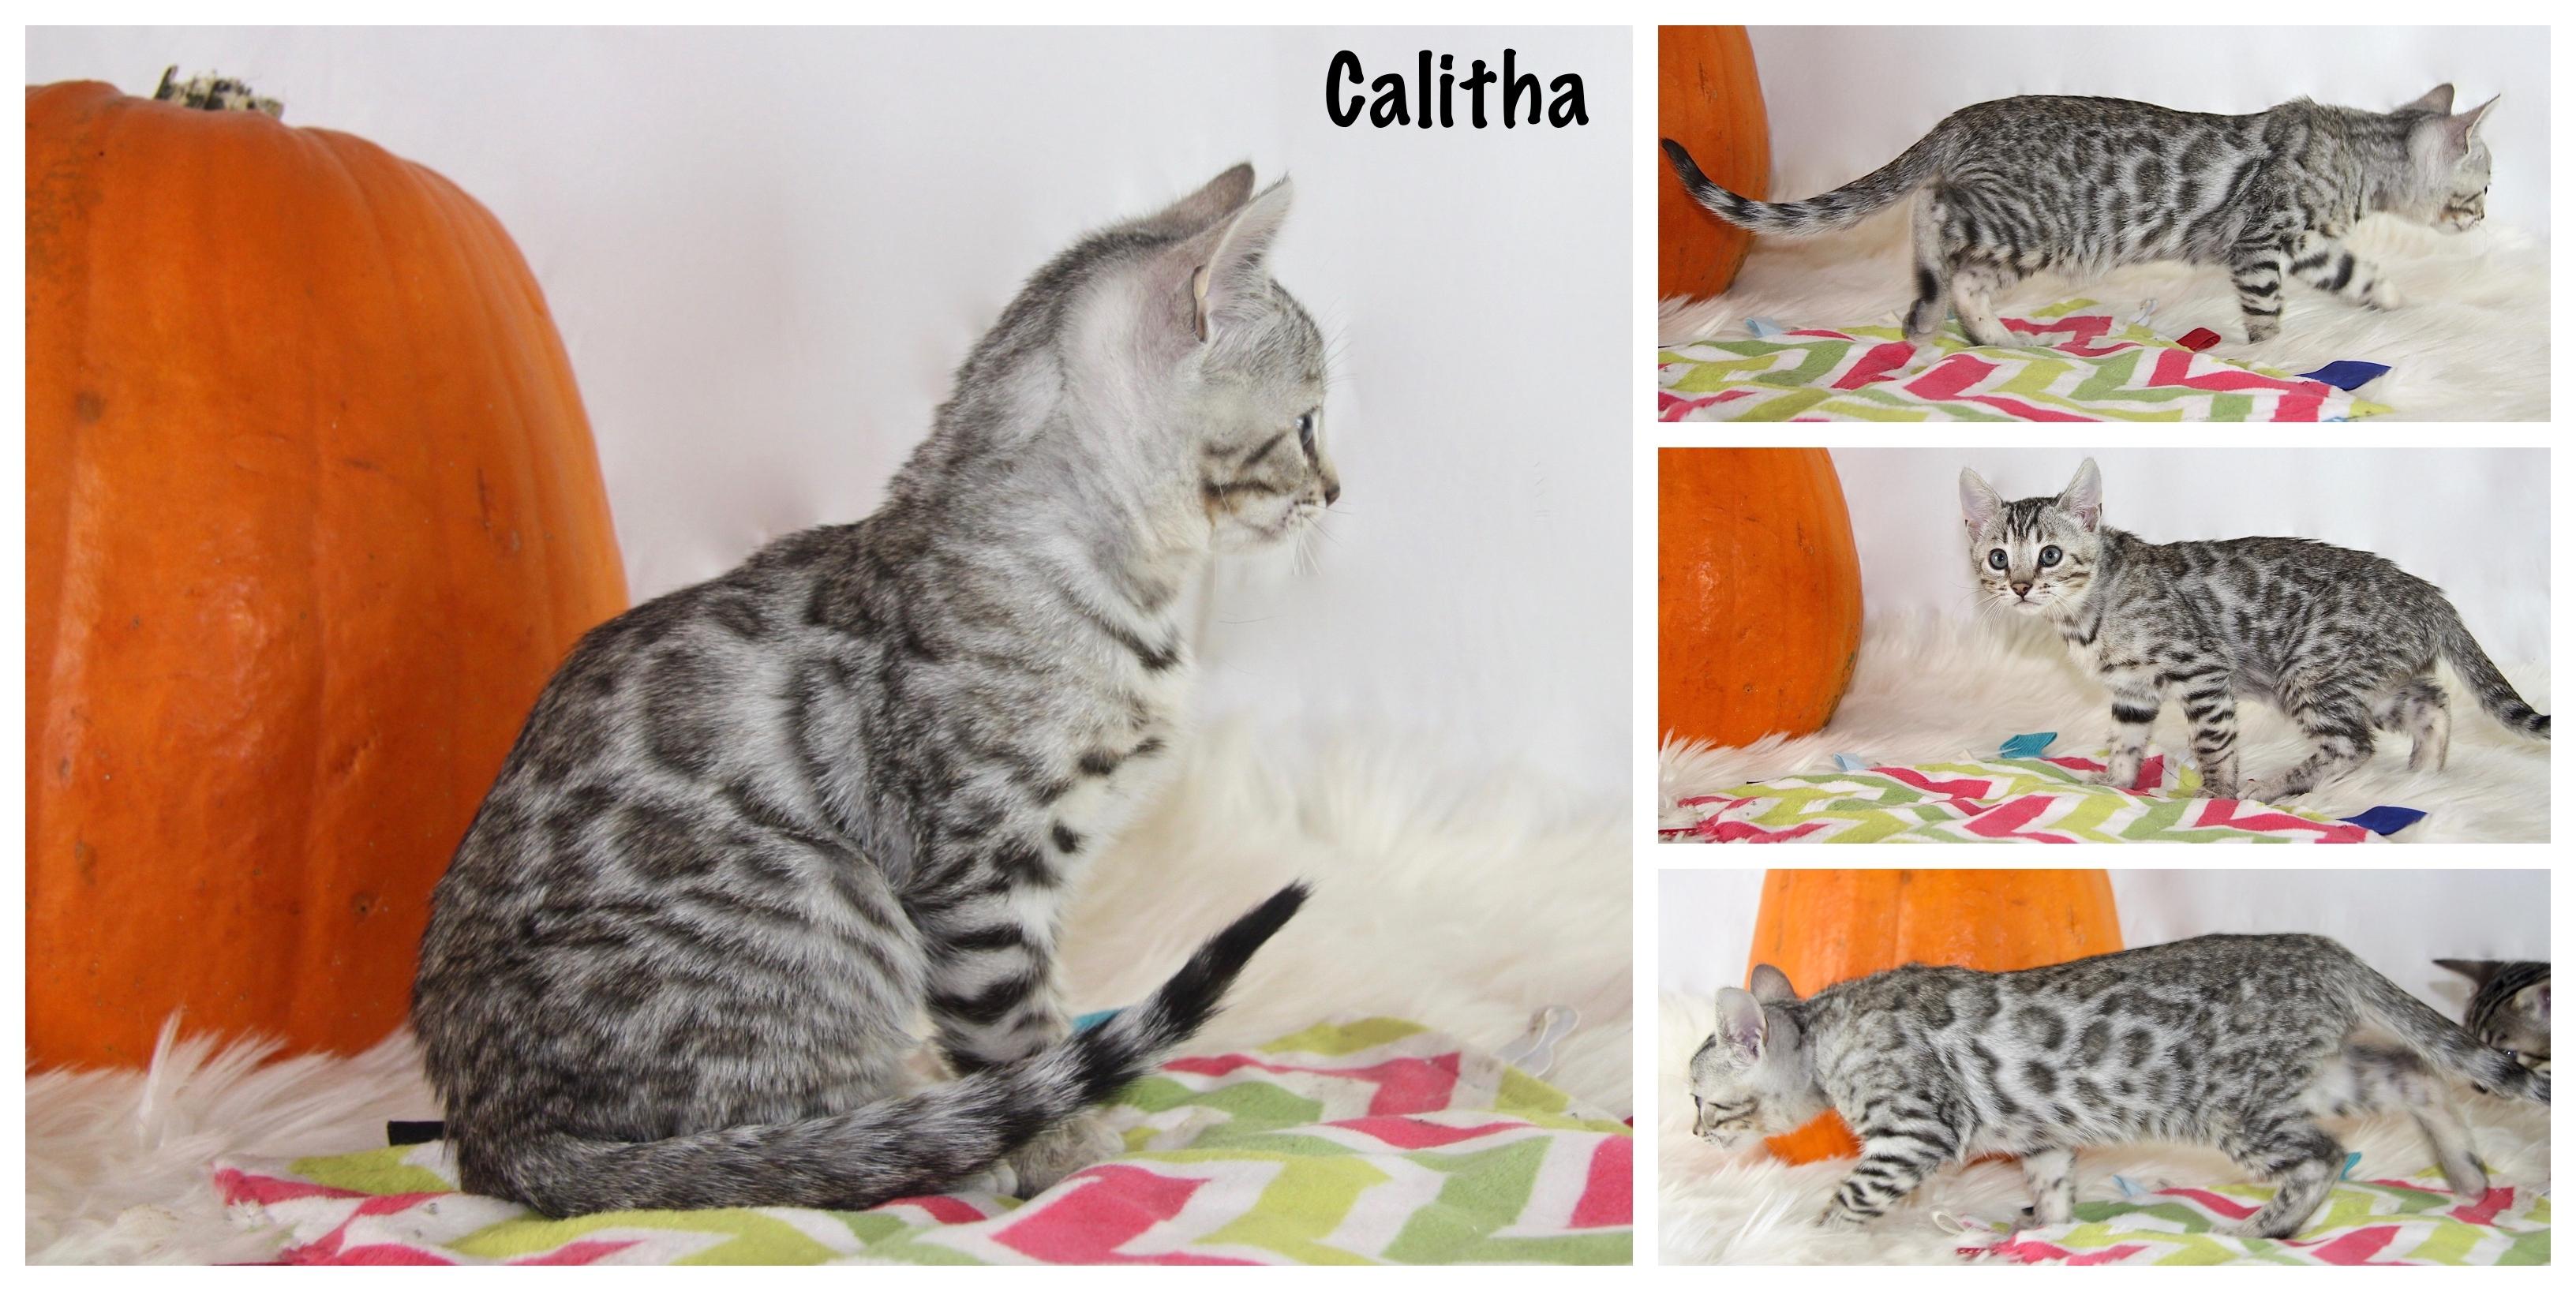 Calitha 9 weeks